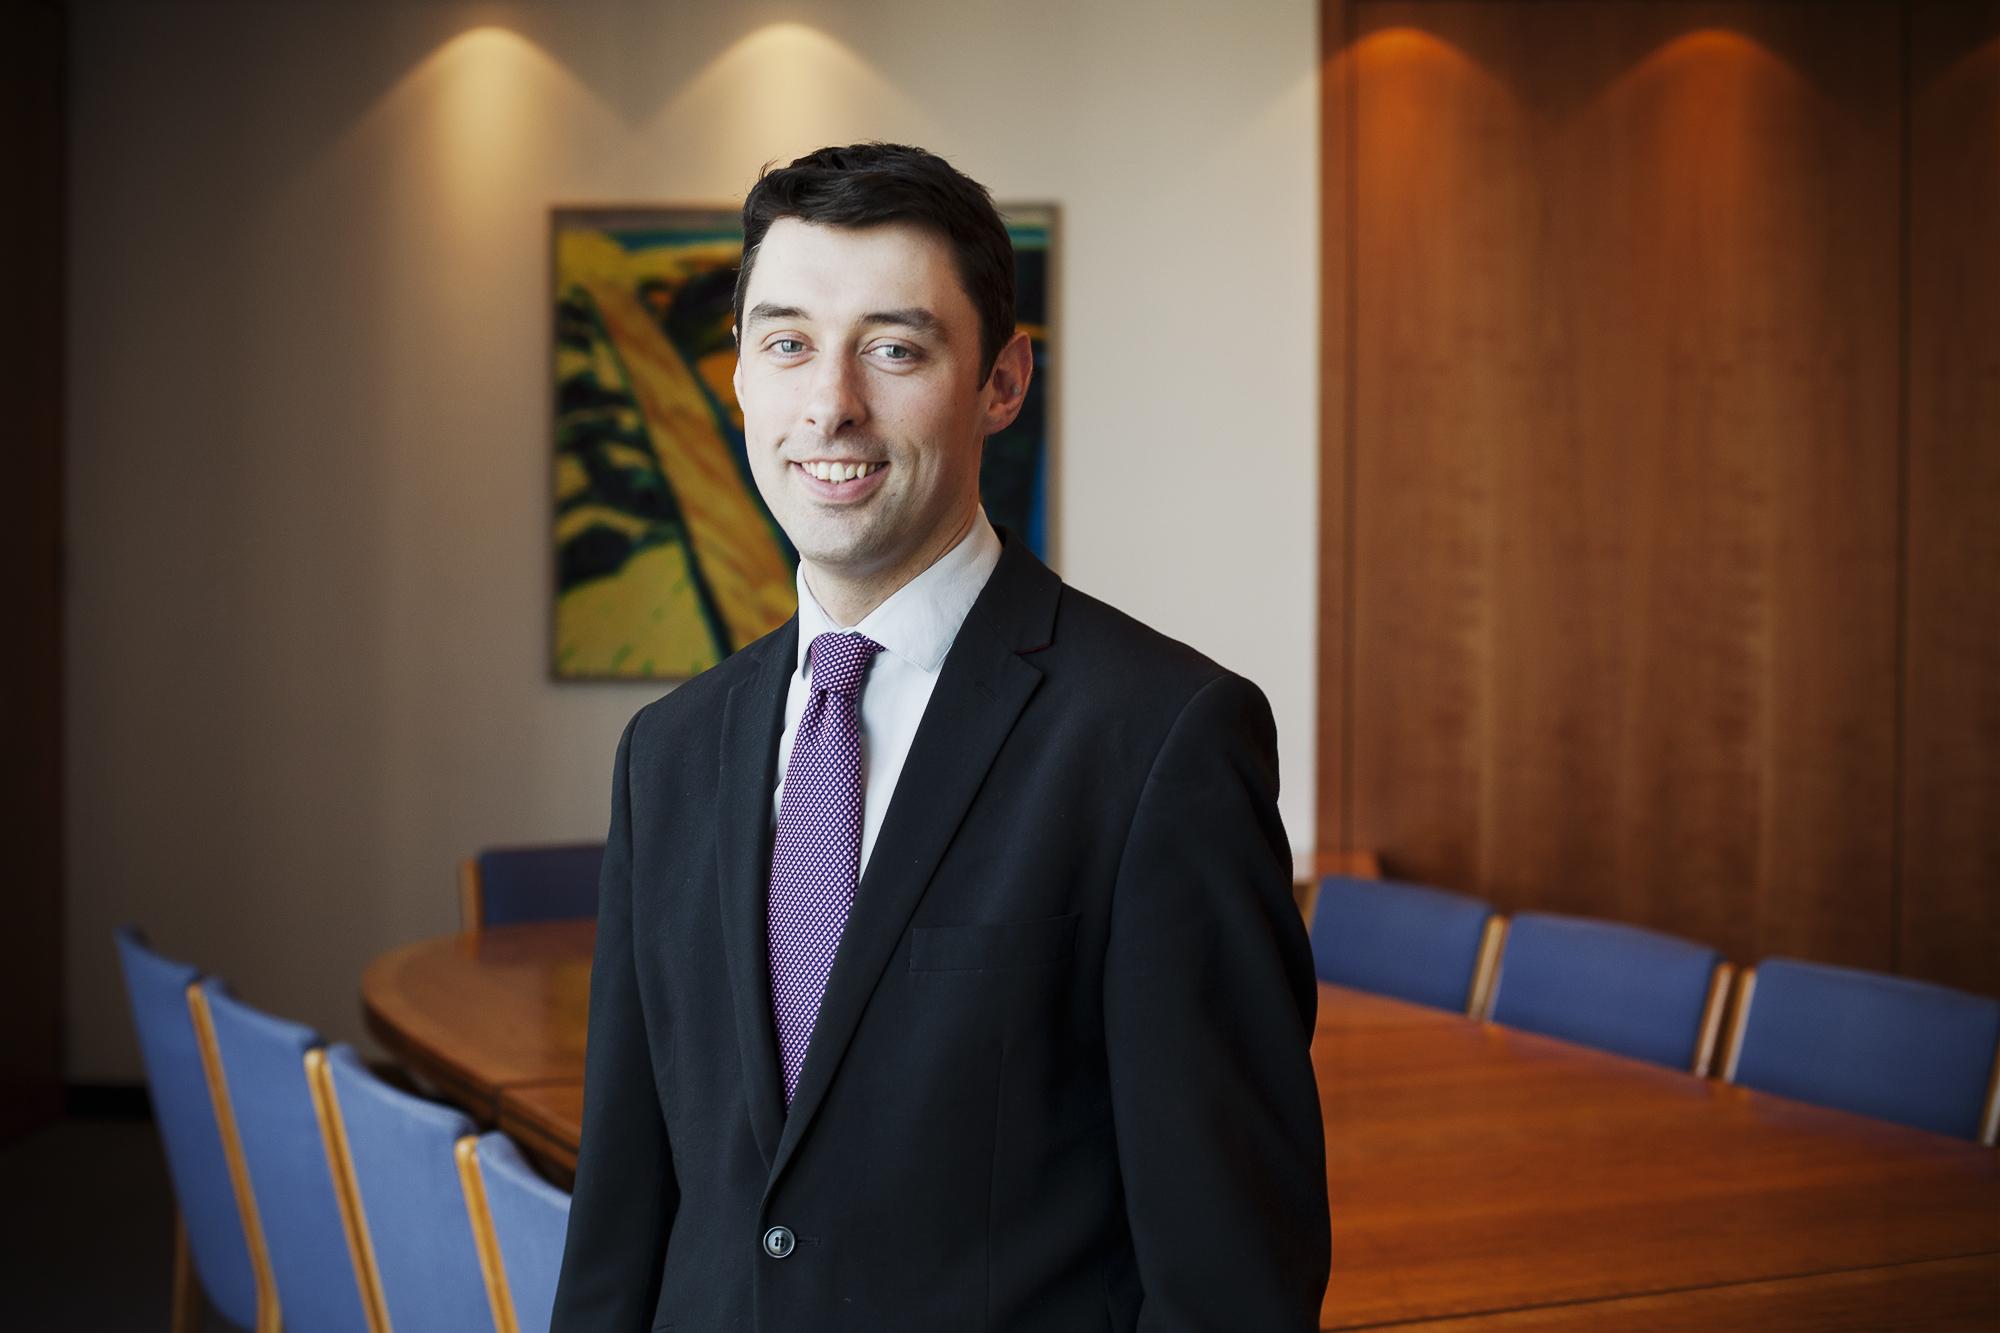 Craig Whelton of Burness Paul LLP